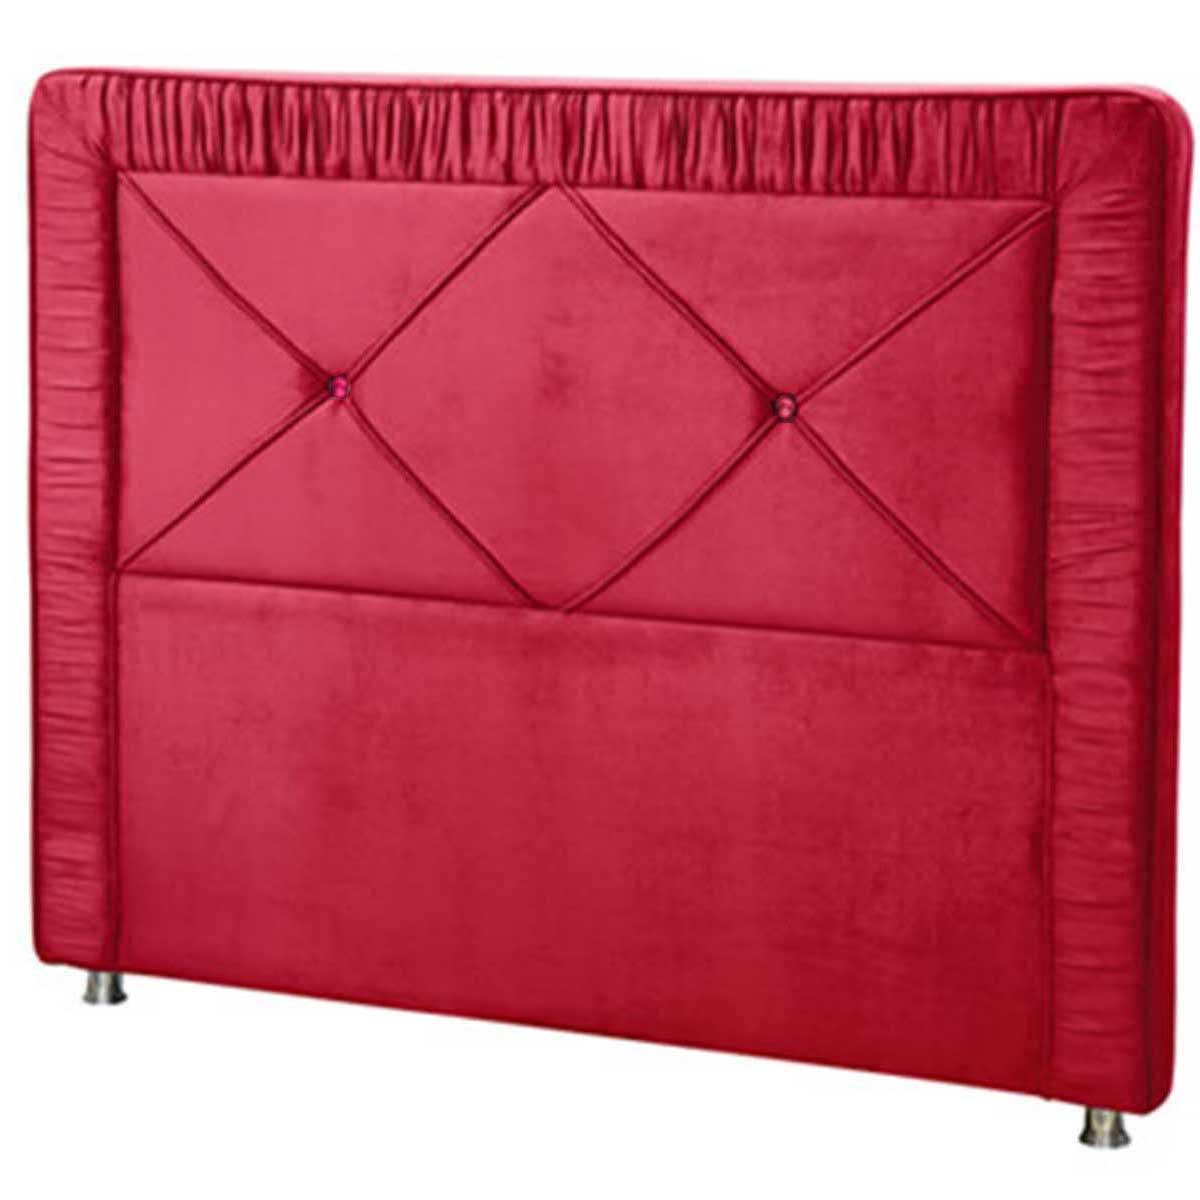 Cabeceira Athenas Casal 140 cm Vermelho Perfan Móveis